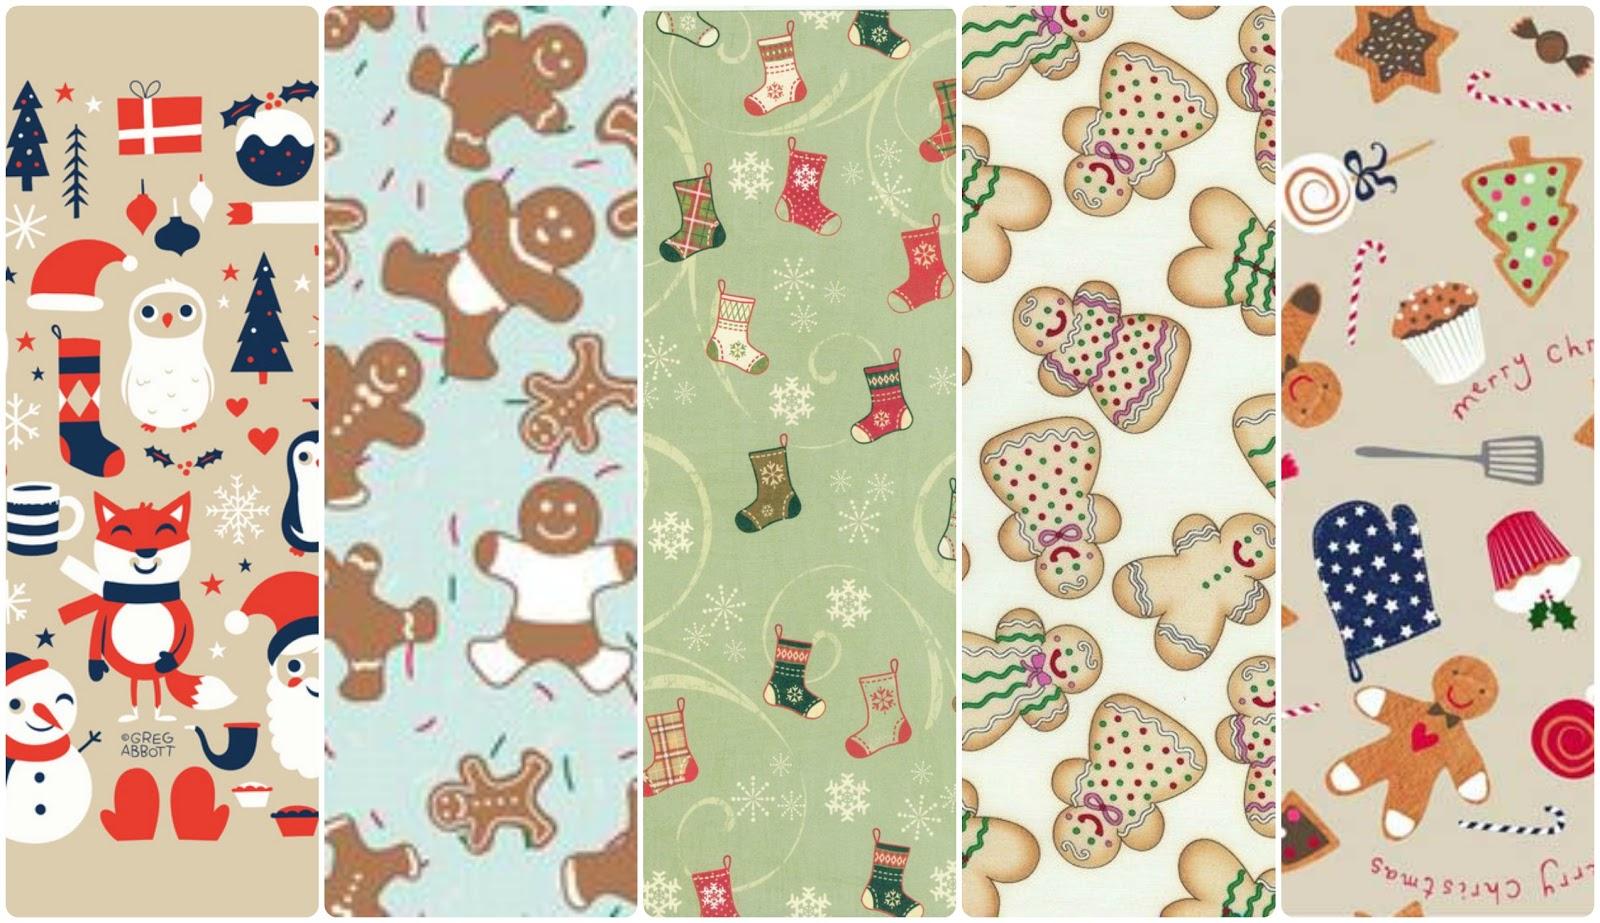 Imagenes De Navidad Para Wasap - Tarjetas bonitas de Navidad para WhatsApp Gratis